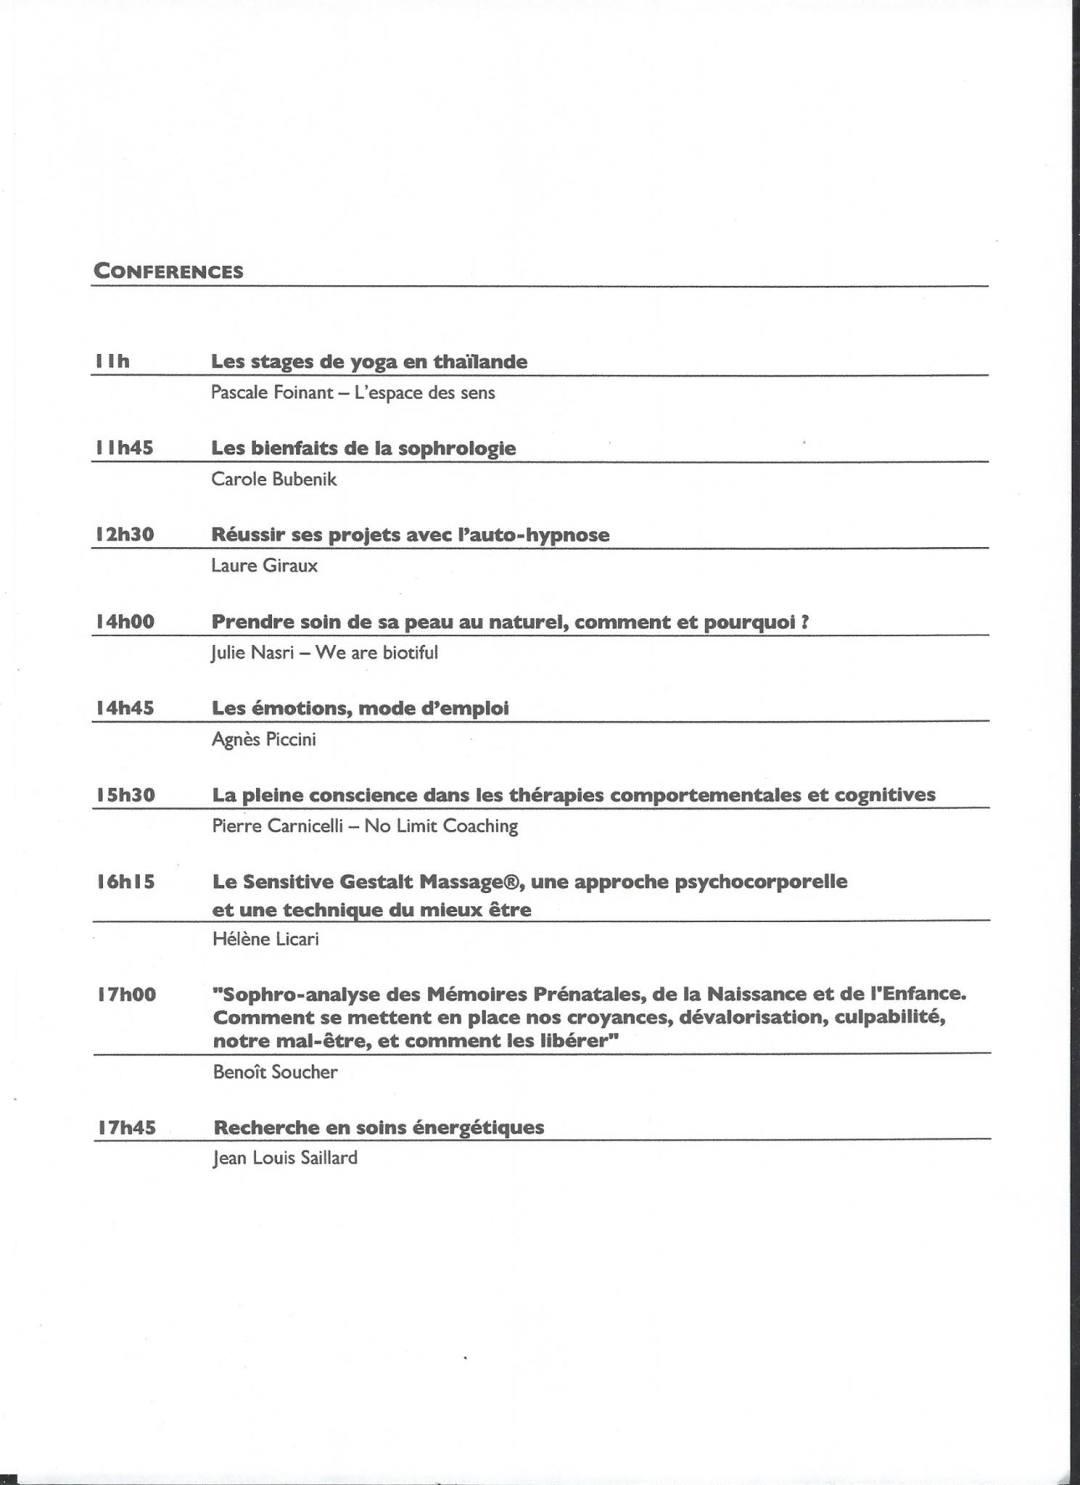 Liste des conférences